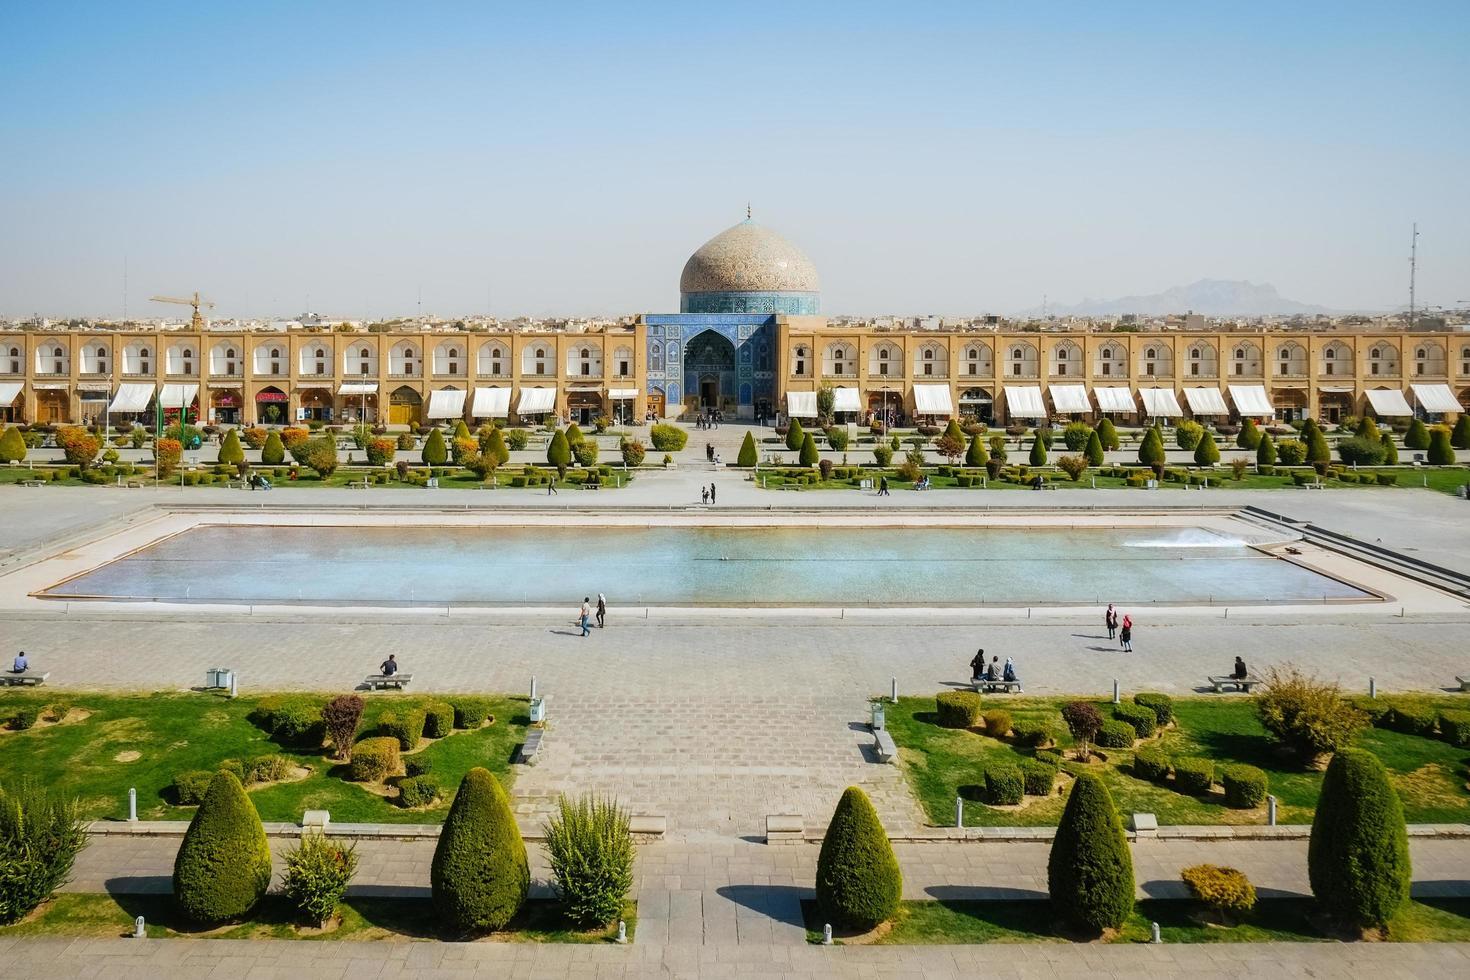 praça naqsh-e jahan em isfahan, irã. foto